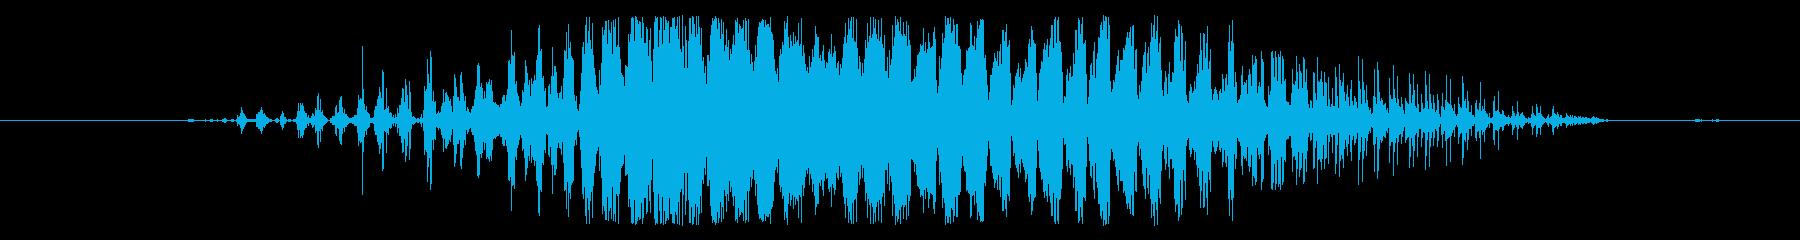 モンスター 痛みを伴う叫び05の再生済みの波形